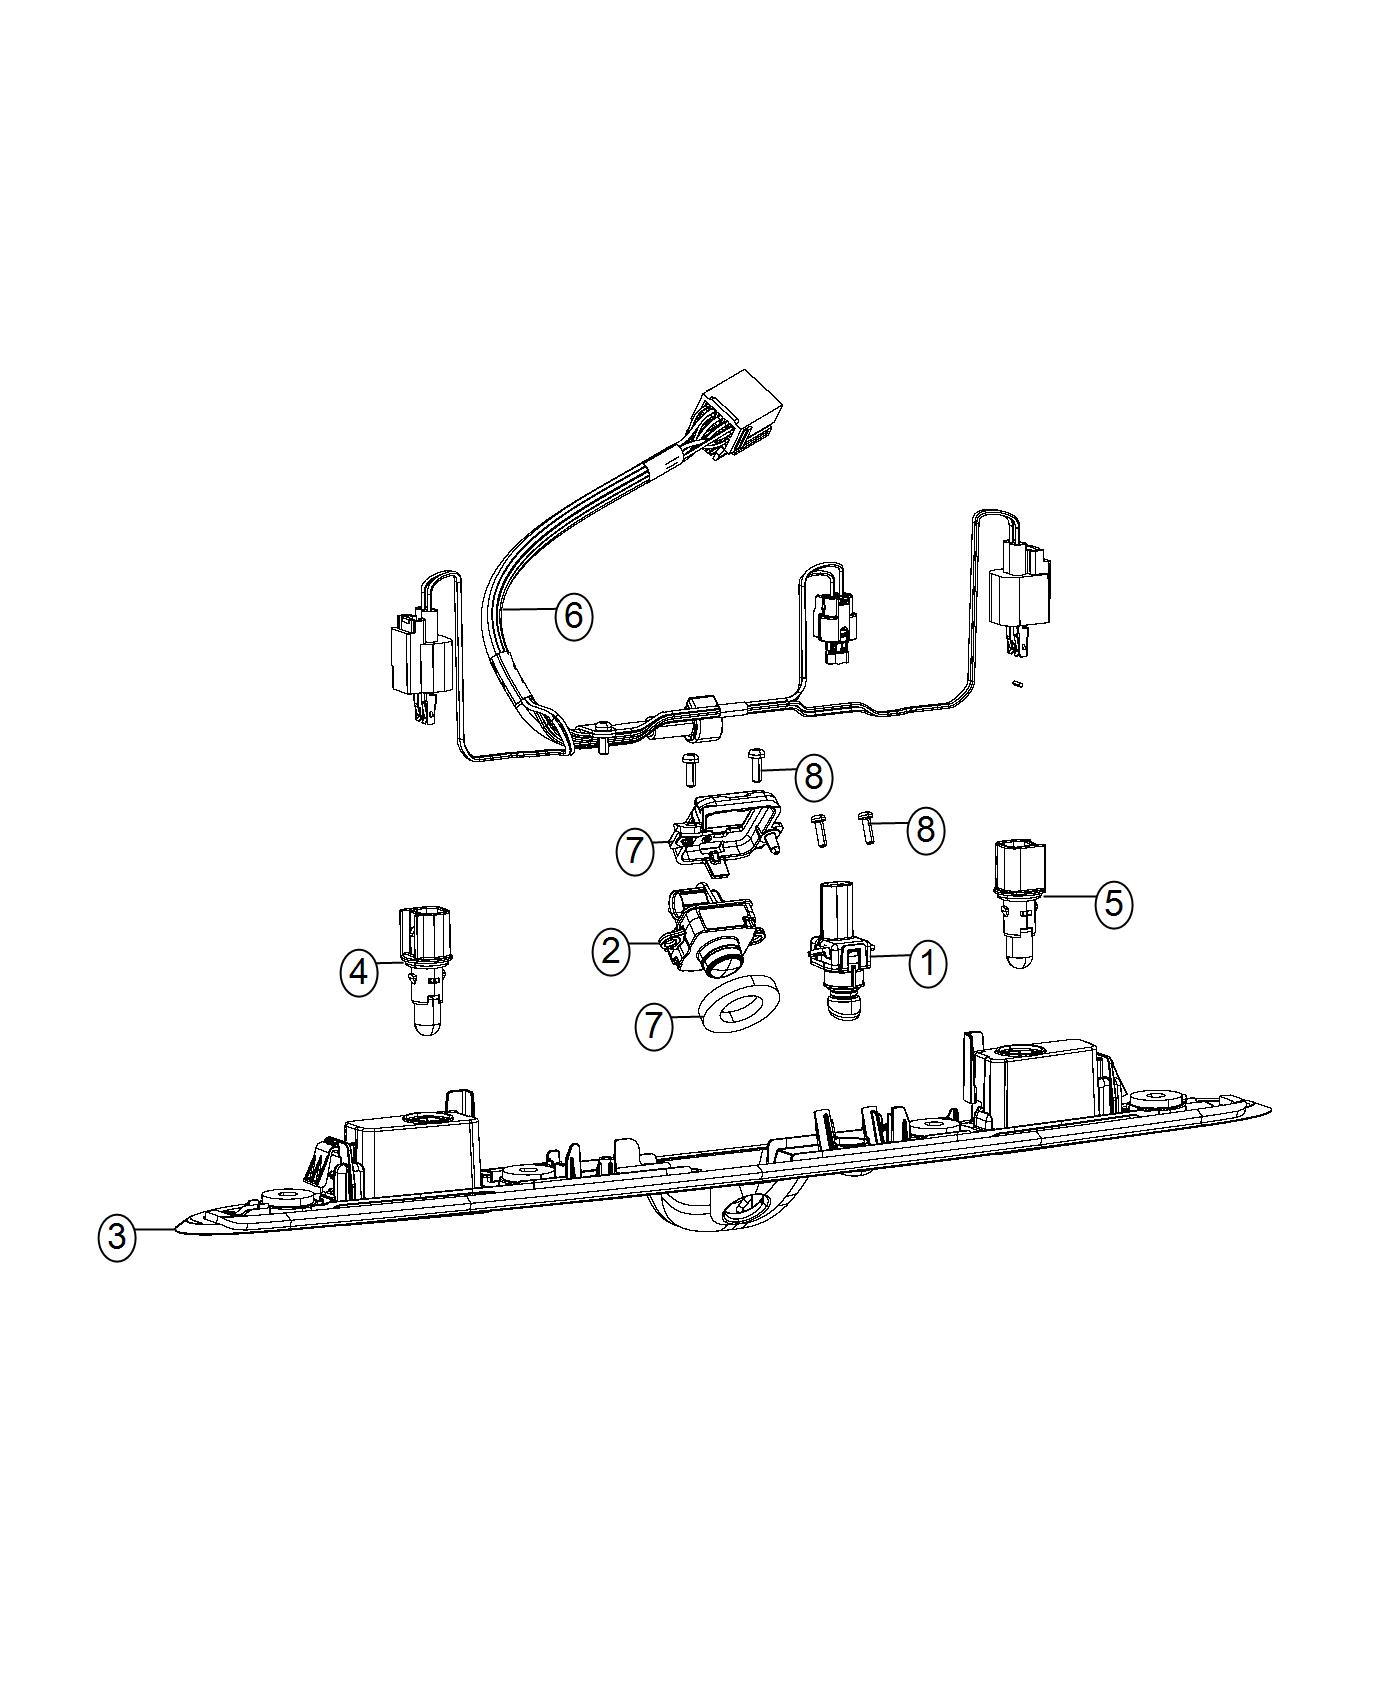 Chrysler 200 Wiring License Lamp Rear